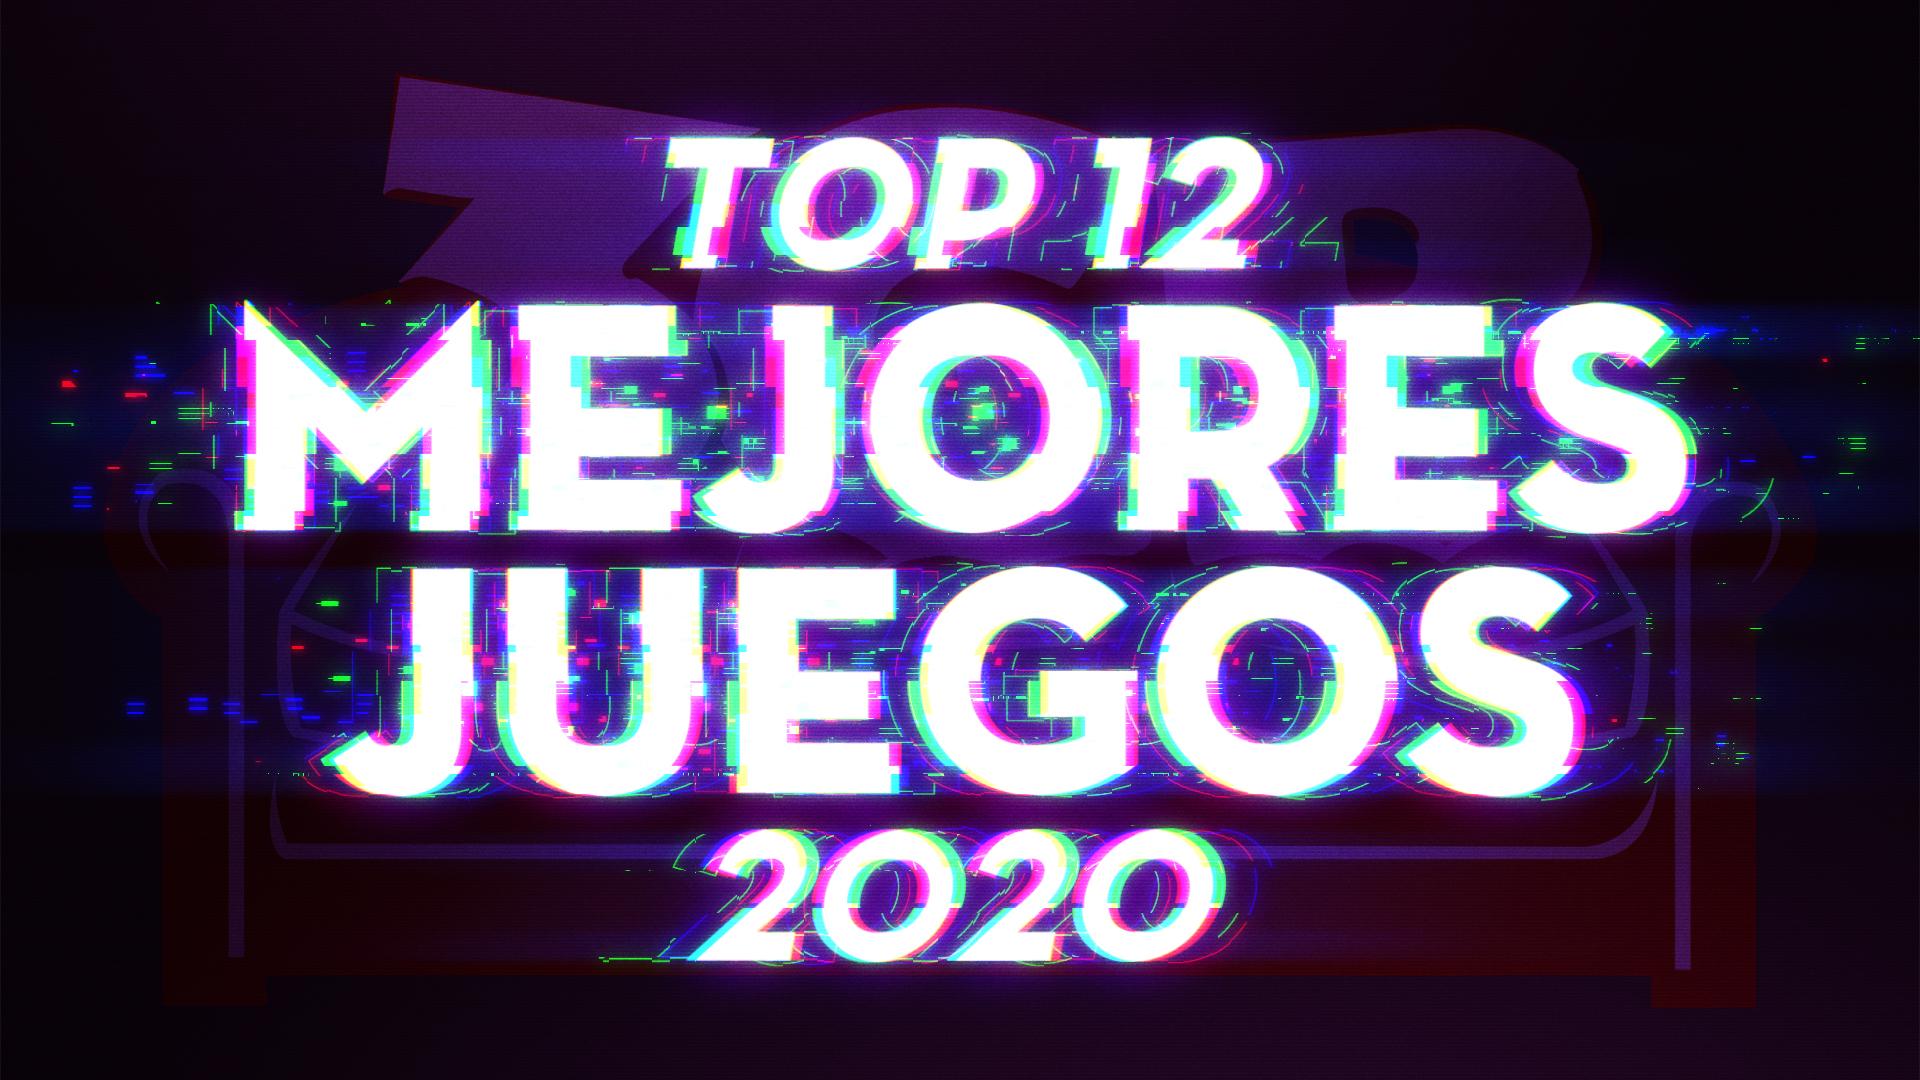 Top 12: Los Mejores Juegos del 2020